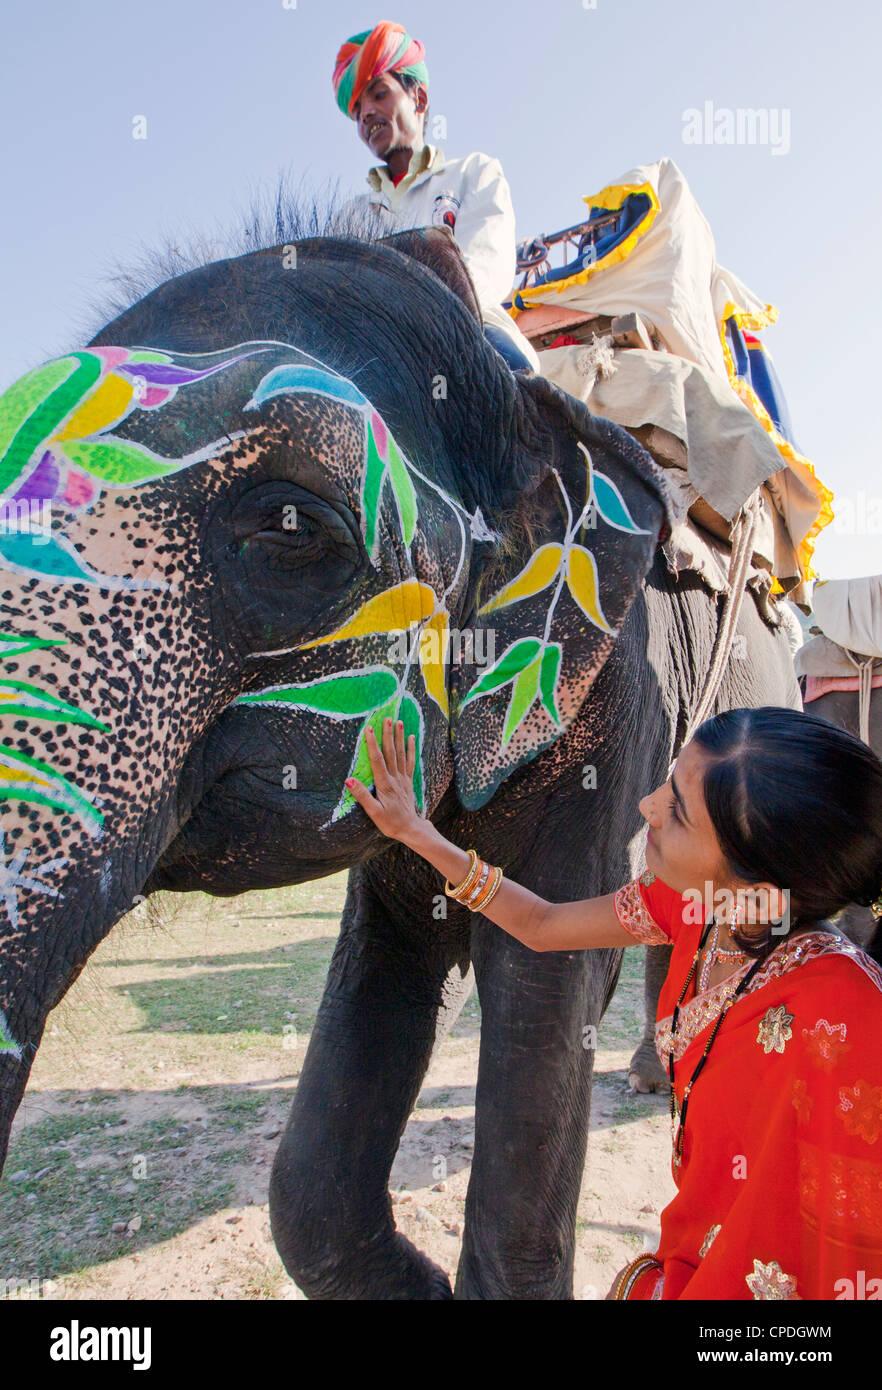 Mujer en un colorido sari con un elefante ceremonial pintada en Jaipur, Rajasthan, India, Asia Imagen De Stock